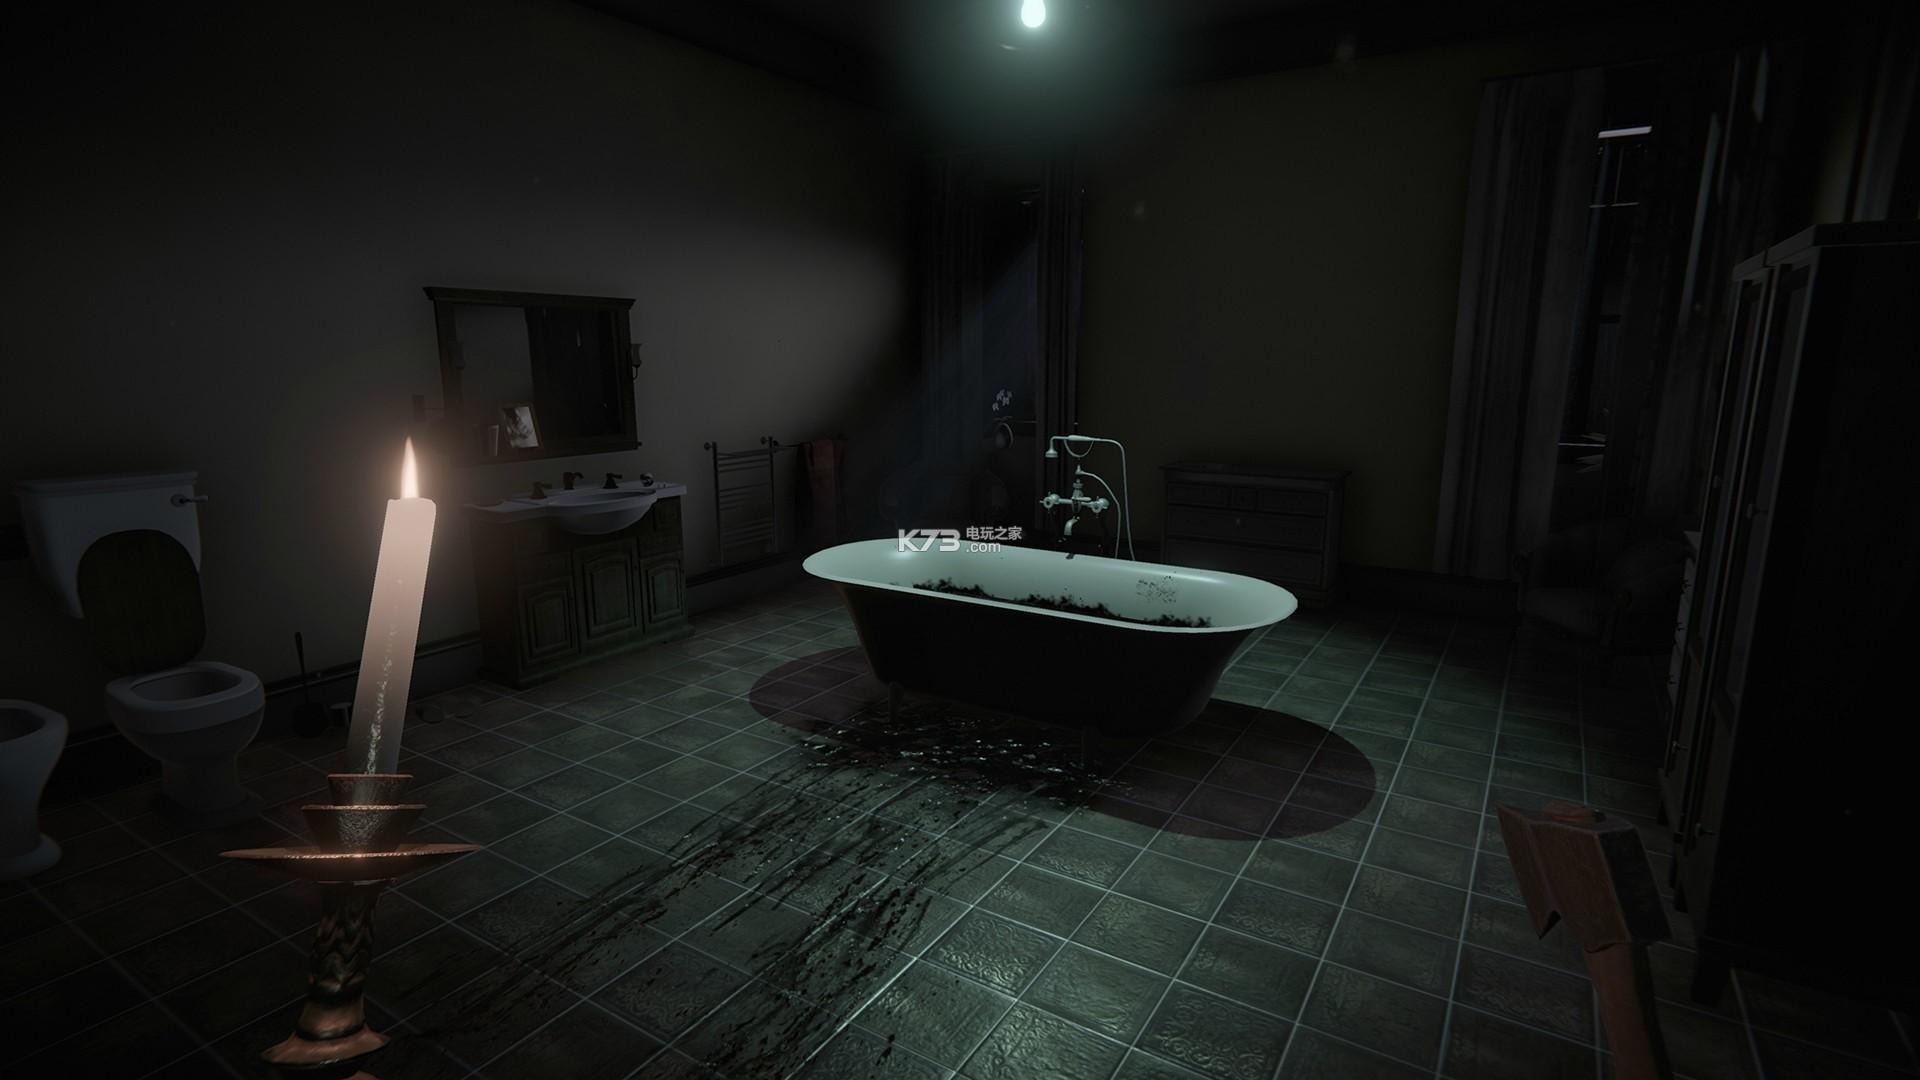 独立恐怖游戏《别敲两次门》发售日公布